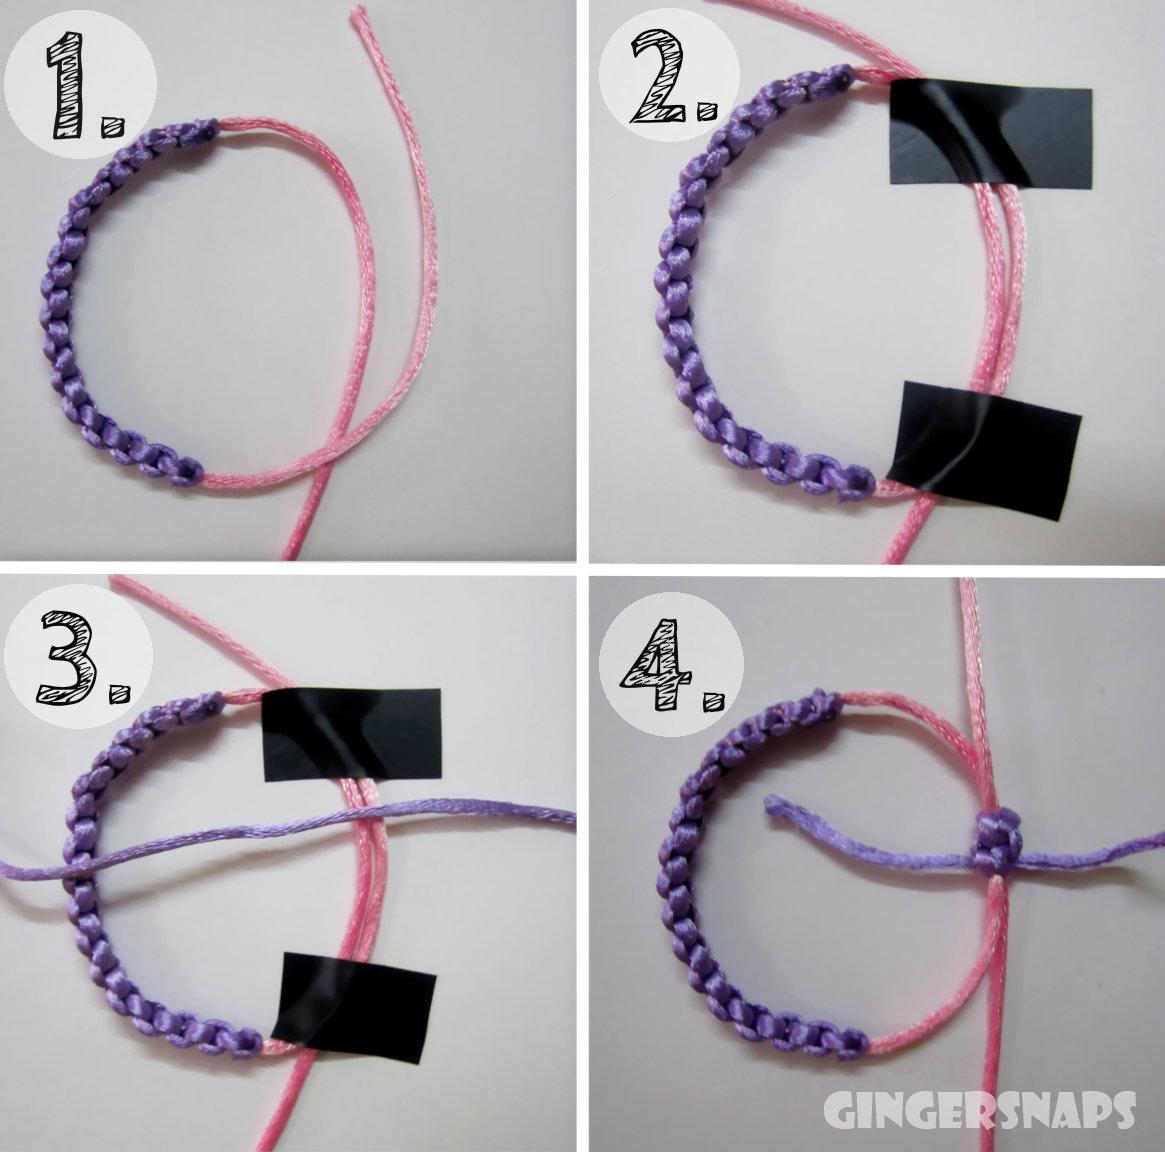 Diy Square Knot Bracelets For